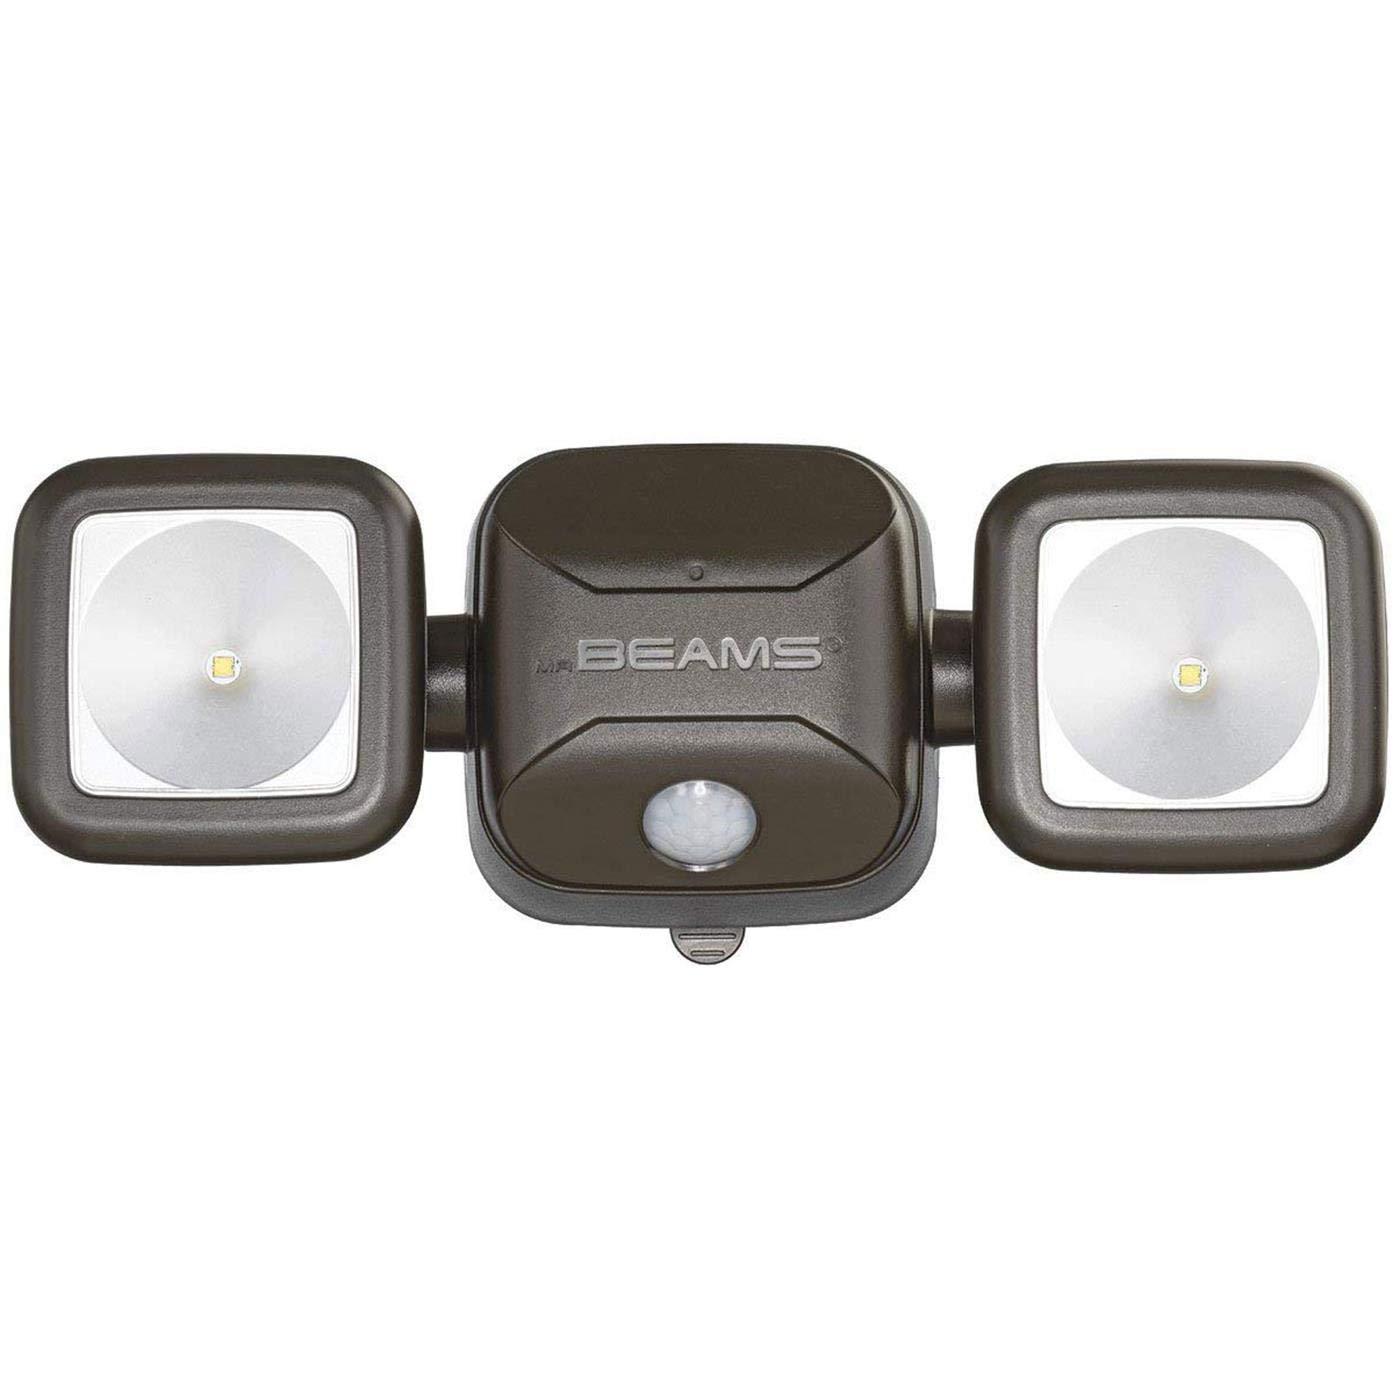 Mr. Beams LED High Performance Security Light MB3000 Sensor braun, Batteriebetrieben